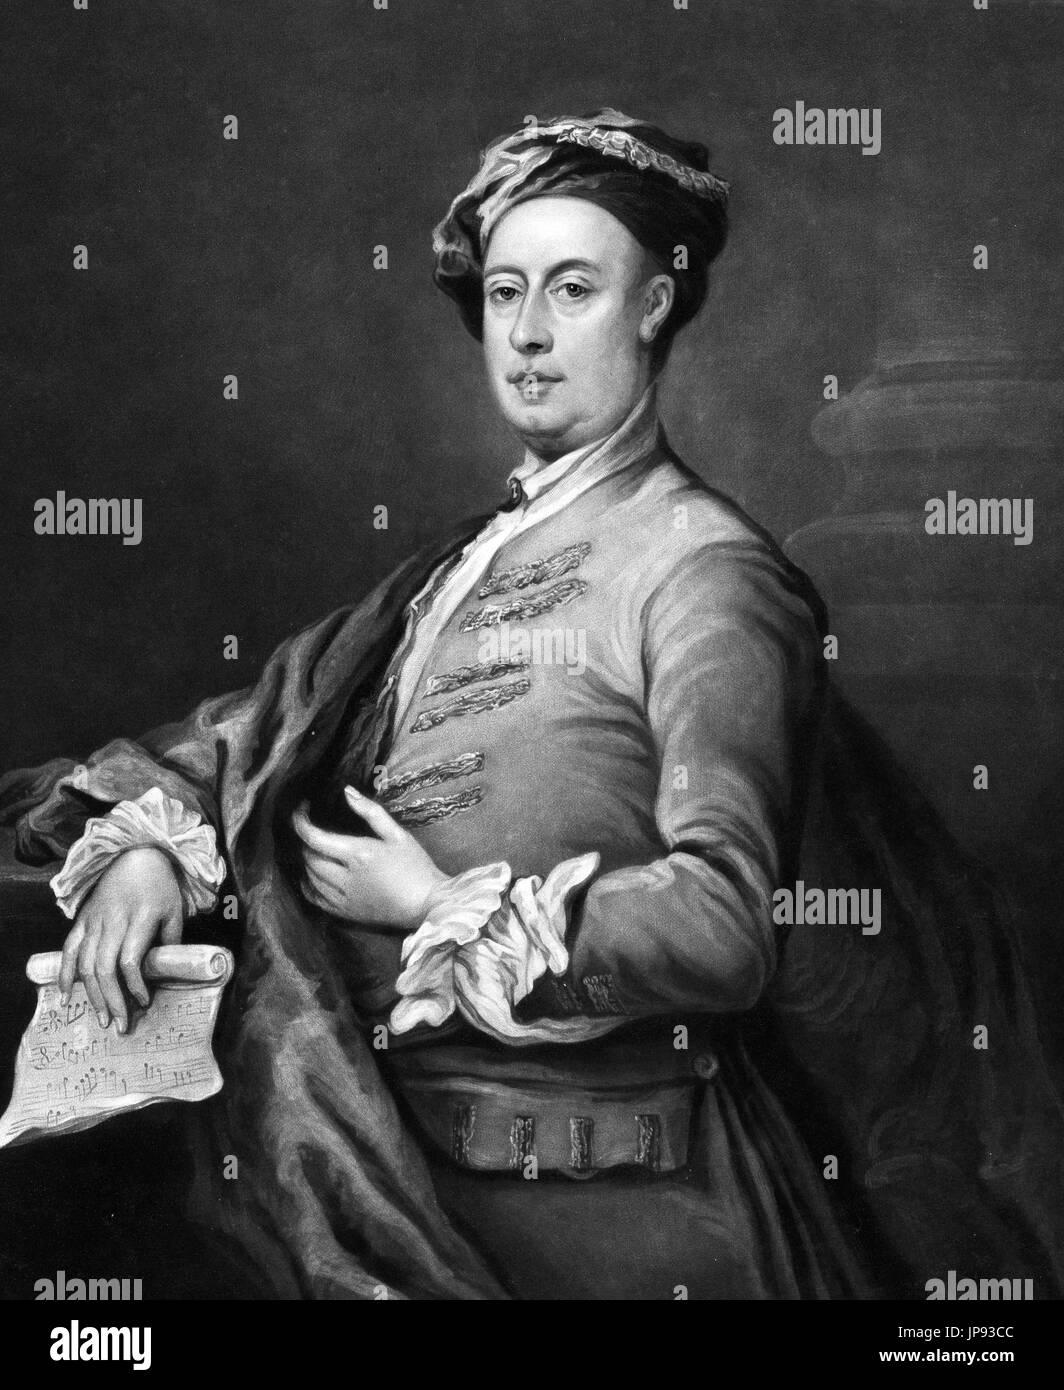 George Frideric (oder Friedrich) Georg Friedrich Händel (1685-1759), 1821 Gravur von C Turner aus einem Porträt von William Hogarth Stockbild